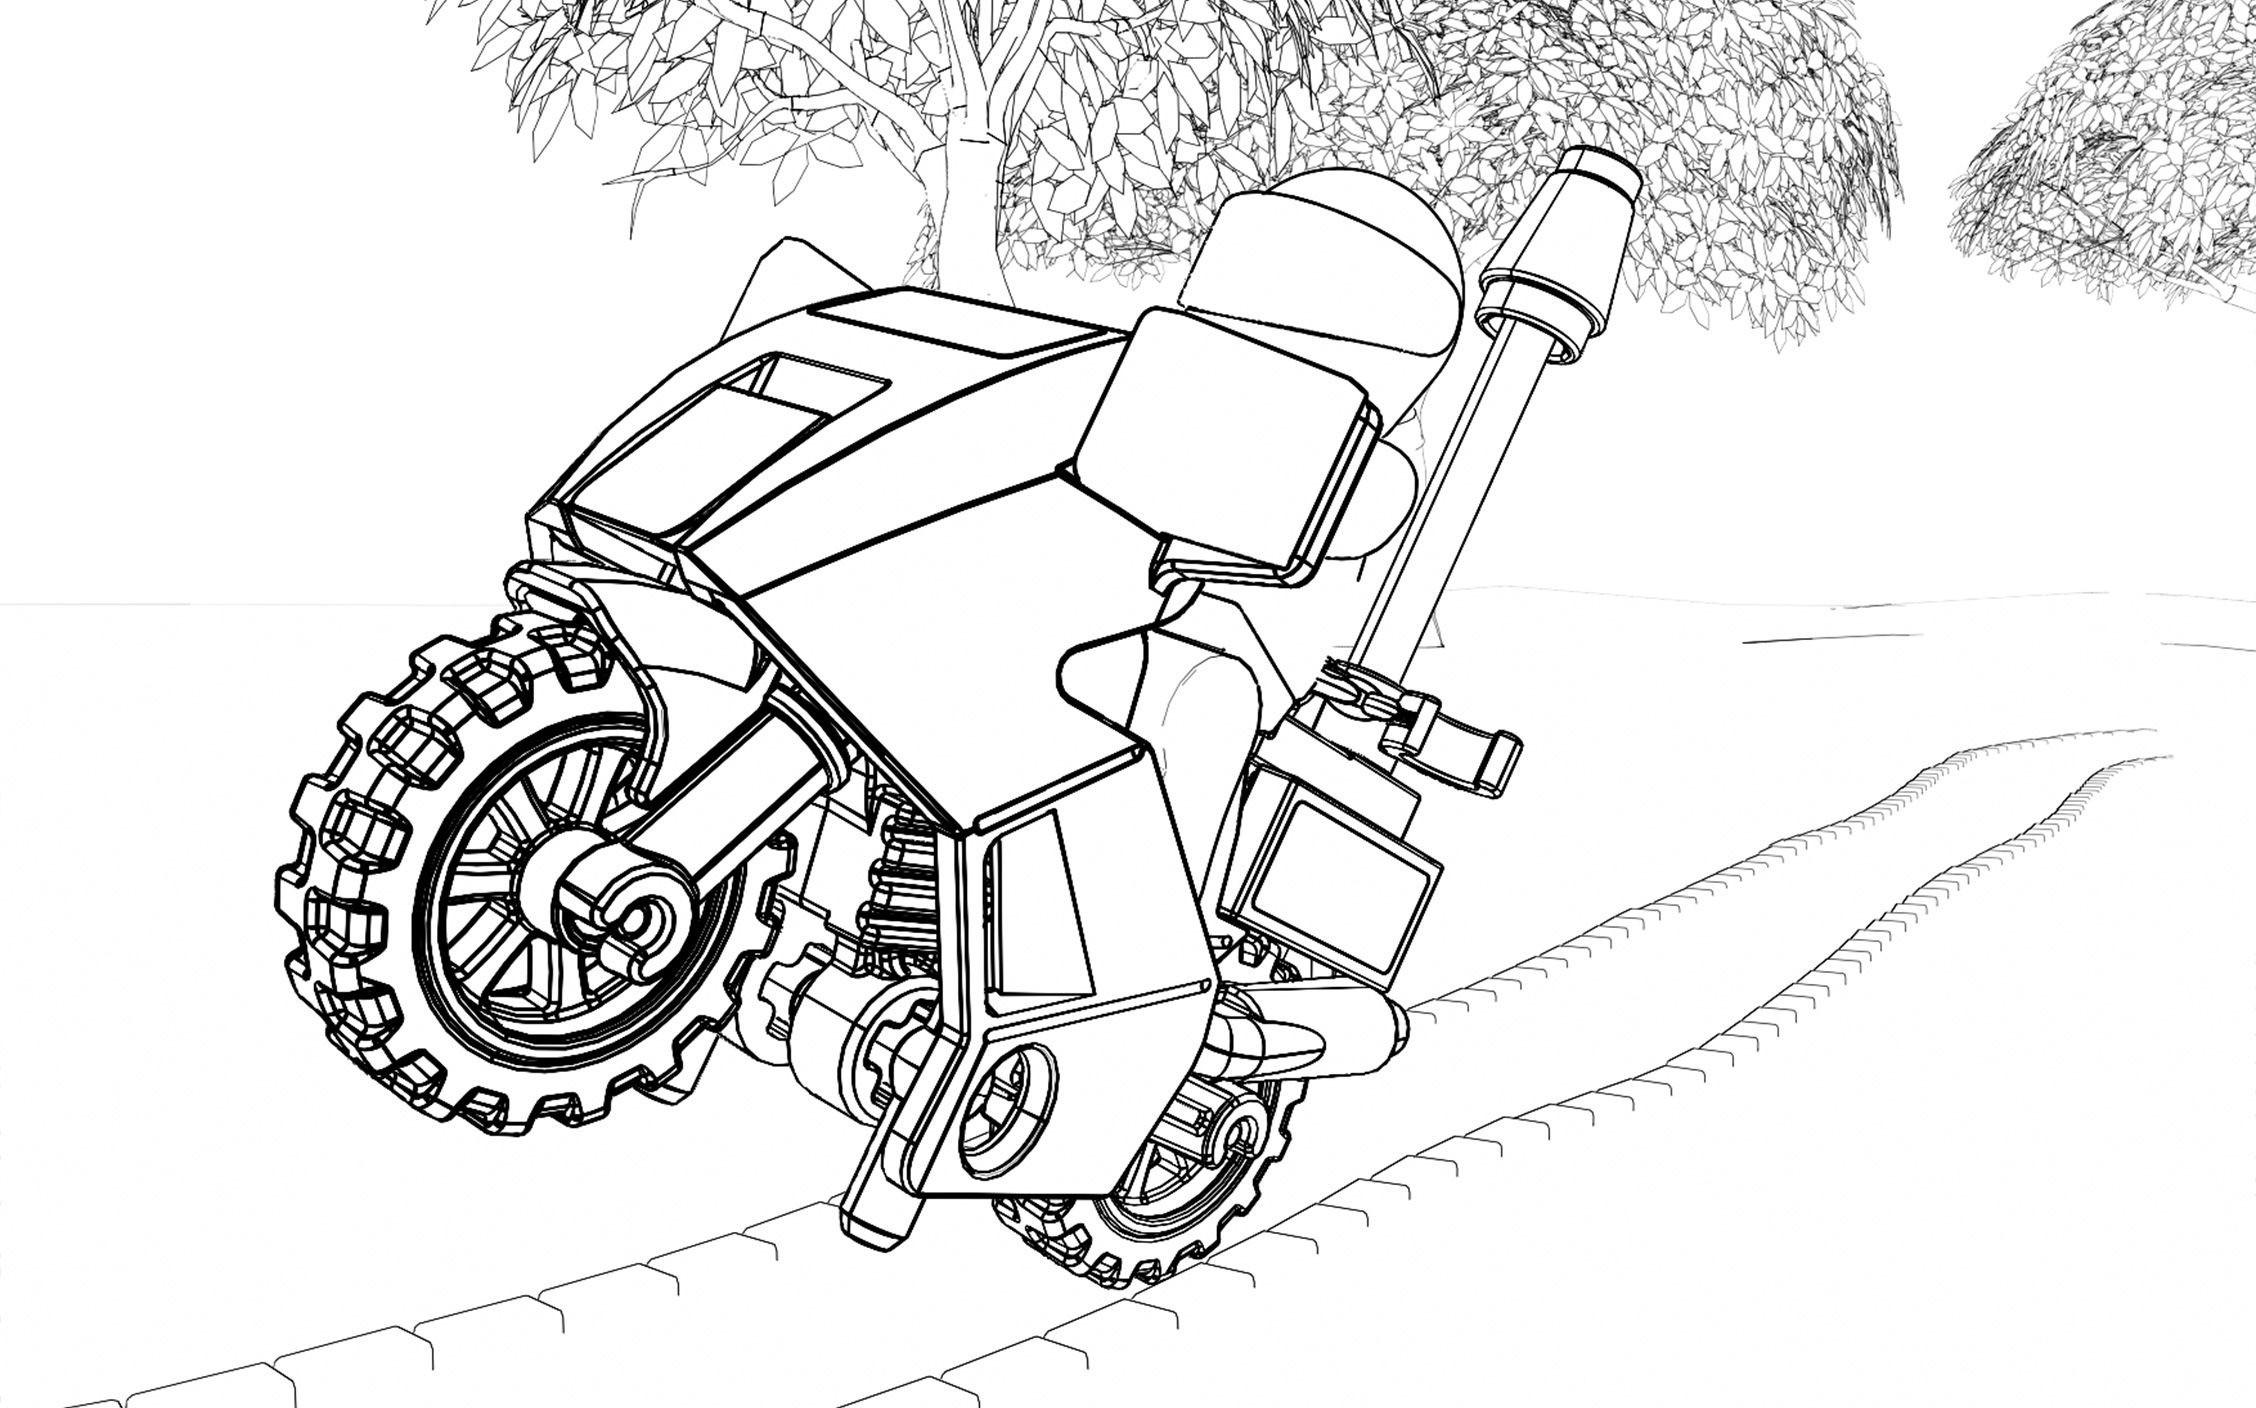 Motorrad Zeichnung Zum Ausmalen Genial Ausmalbilder Polizei Motorrad 01 Ausmalbilder Schön Lego City Fotos